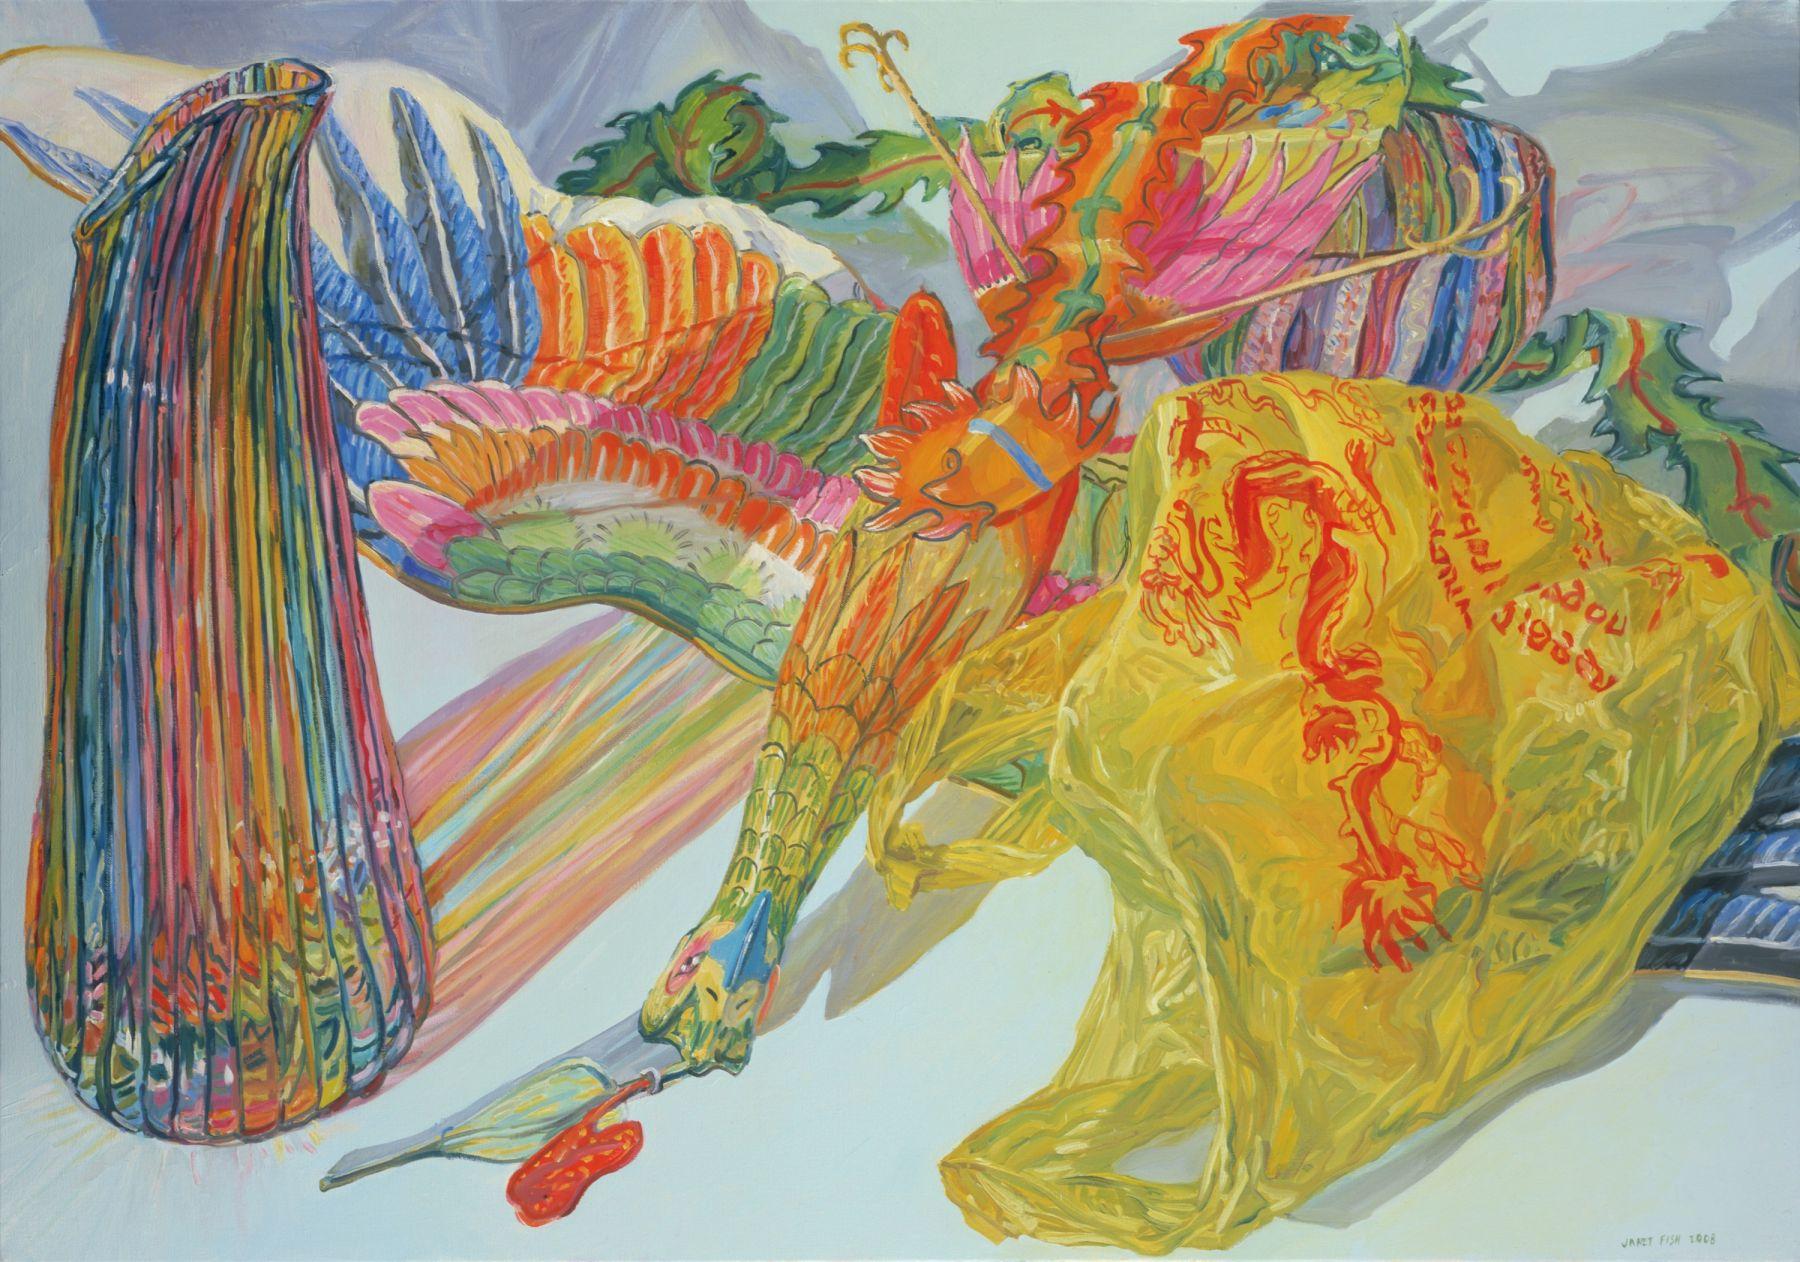 Phoenix Kite, 2008, Oil on canvas